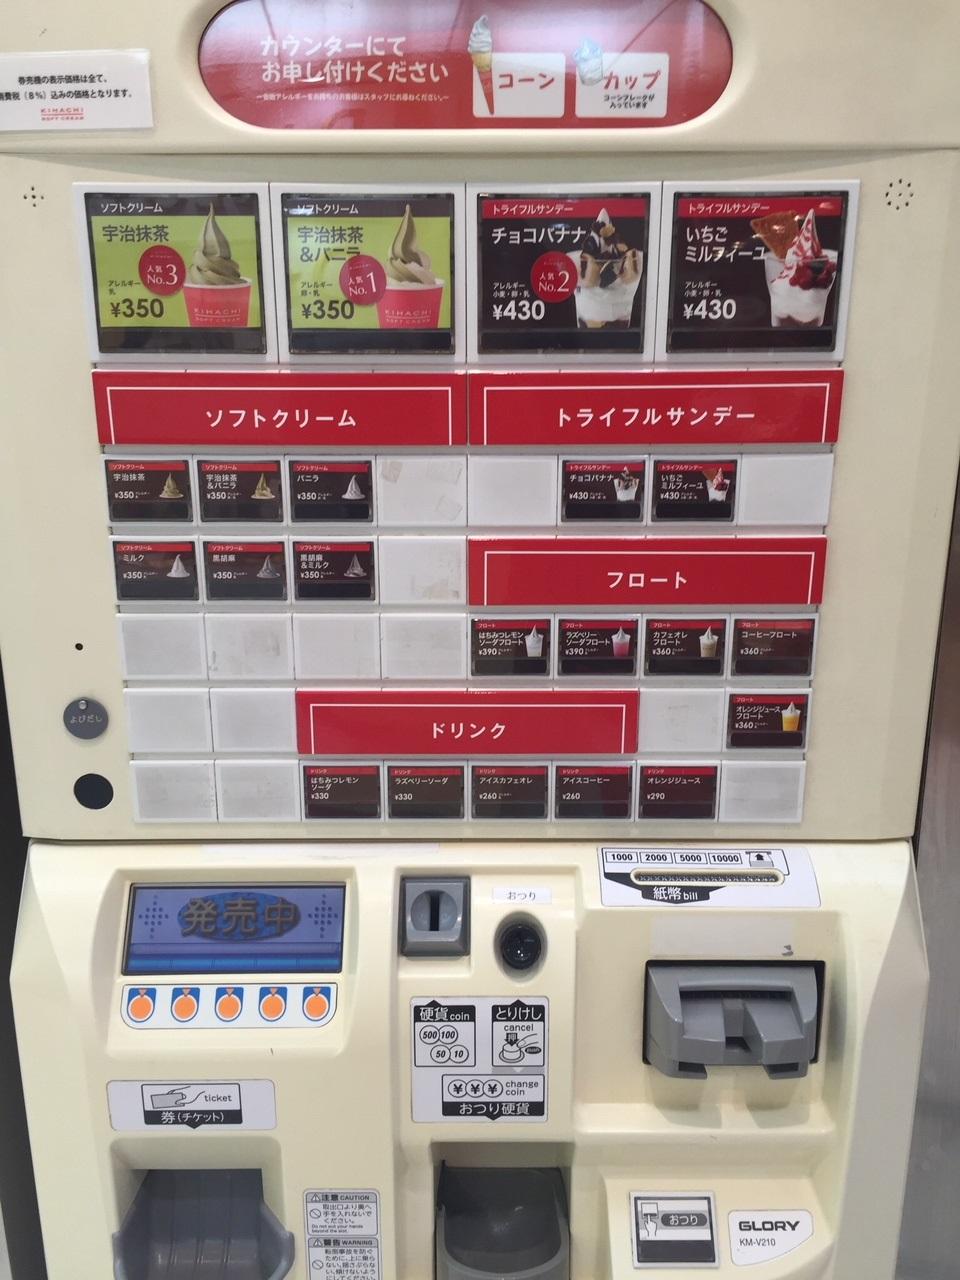 kihachi発券機